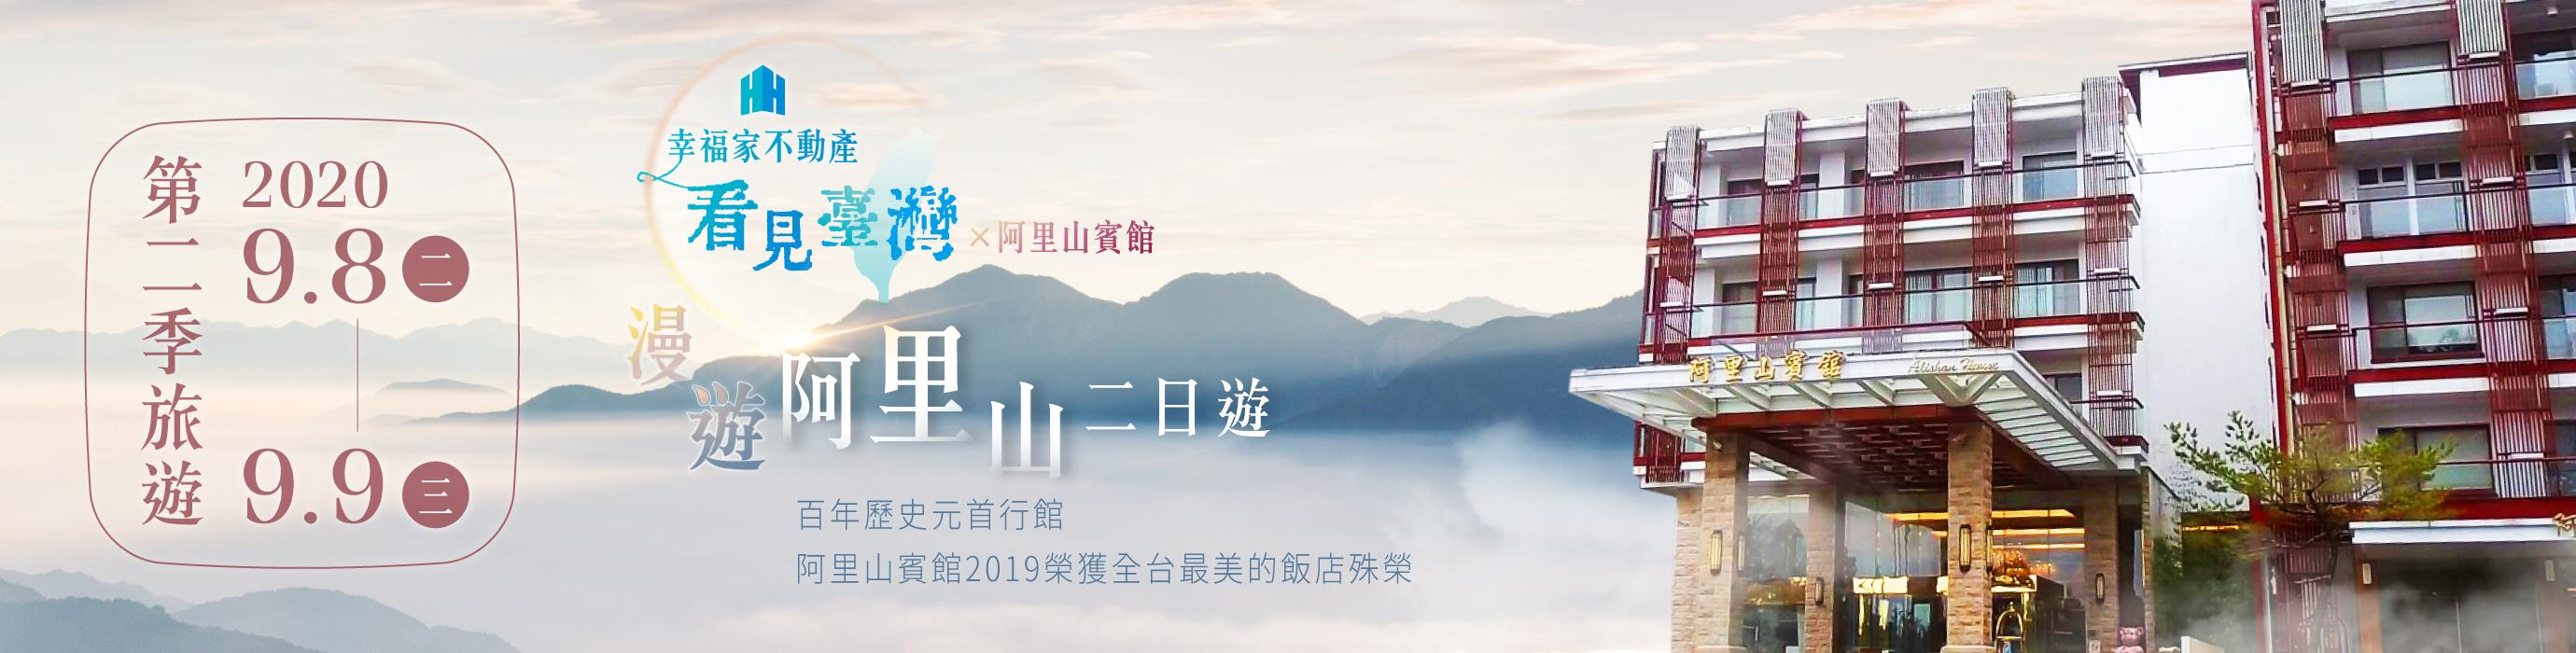 2020漫遊阿里山